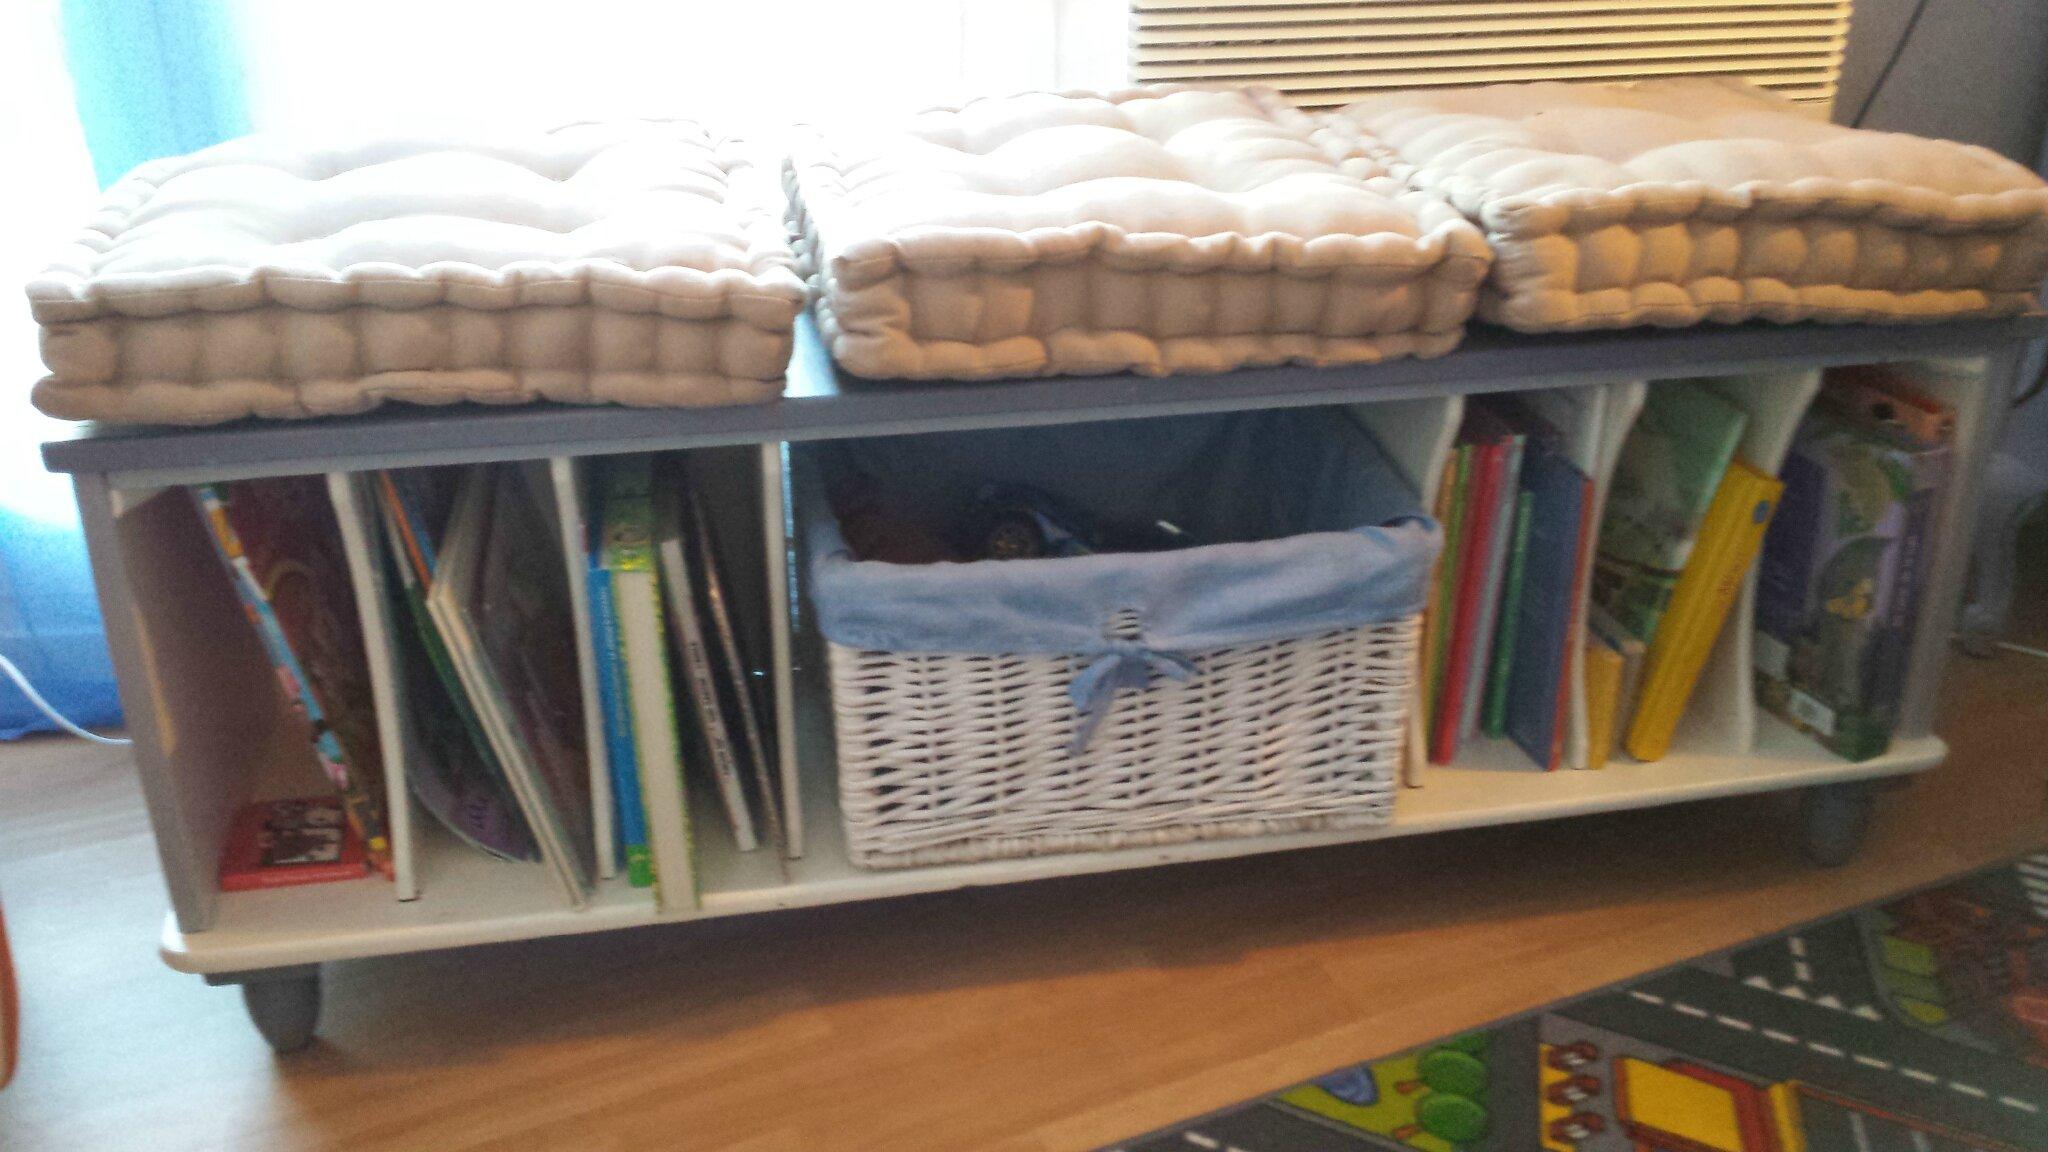 un ancien petit meuble transform en banc de lecture pour enfant d c 39 aline. Black Bedroom Furniture Sets. Home Design Ideas